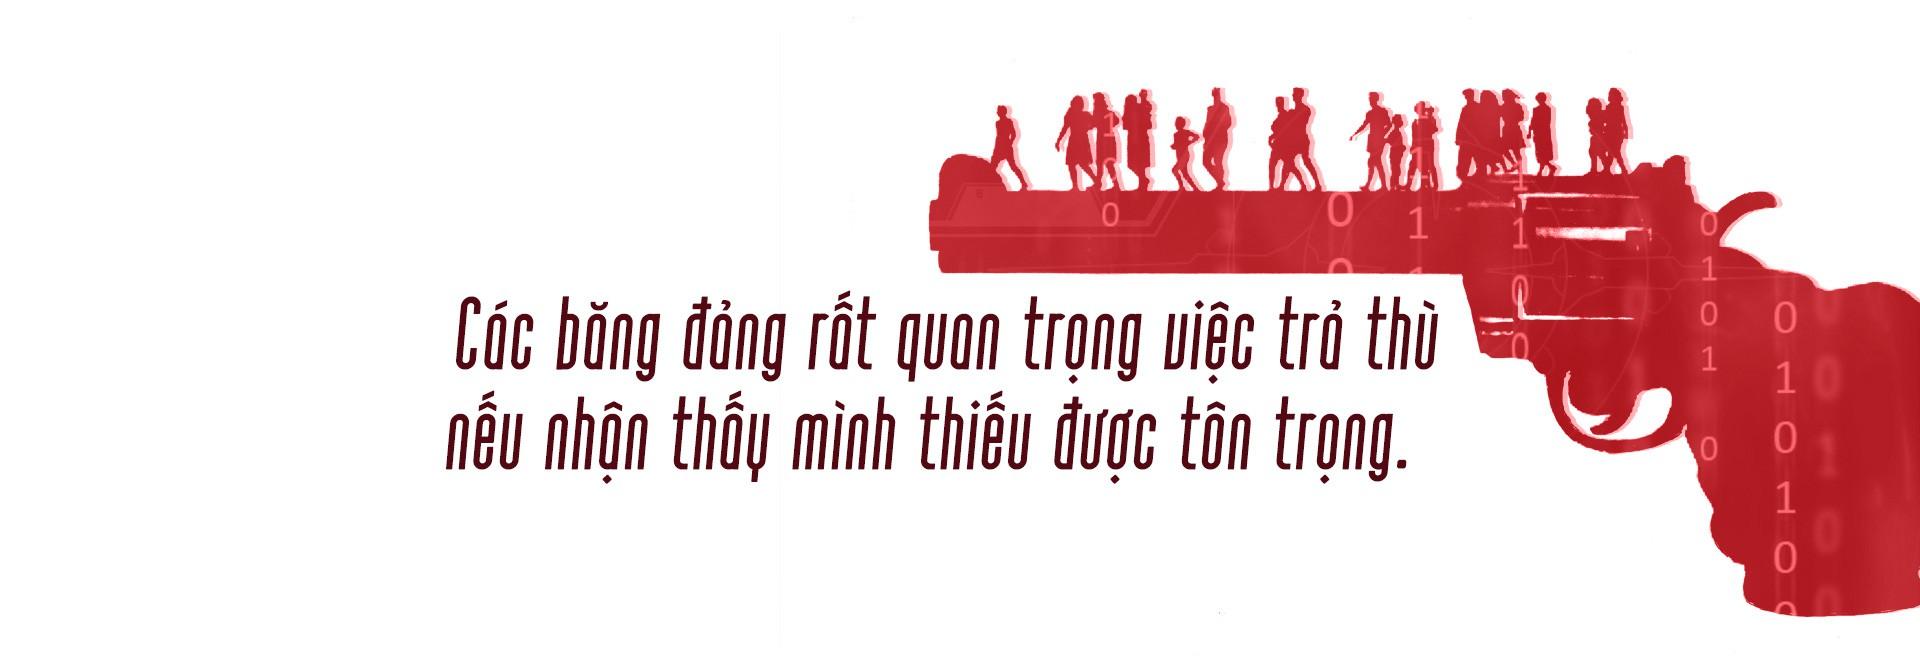 Từ Khá Bảnh, nghĩ về văn hóa băng đảng và mạng xã hội - Ảnh 3.